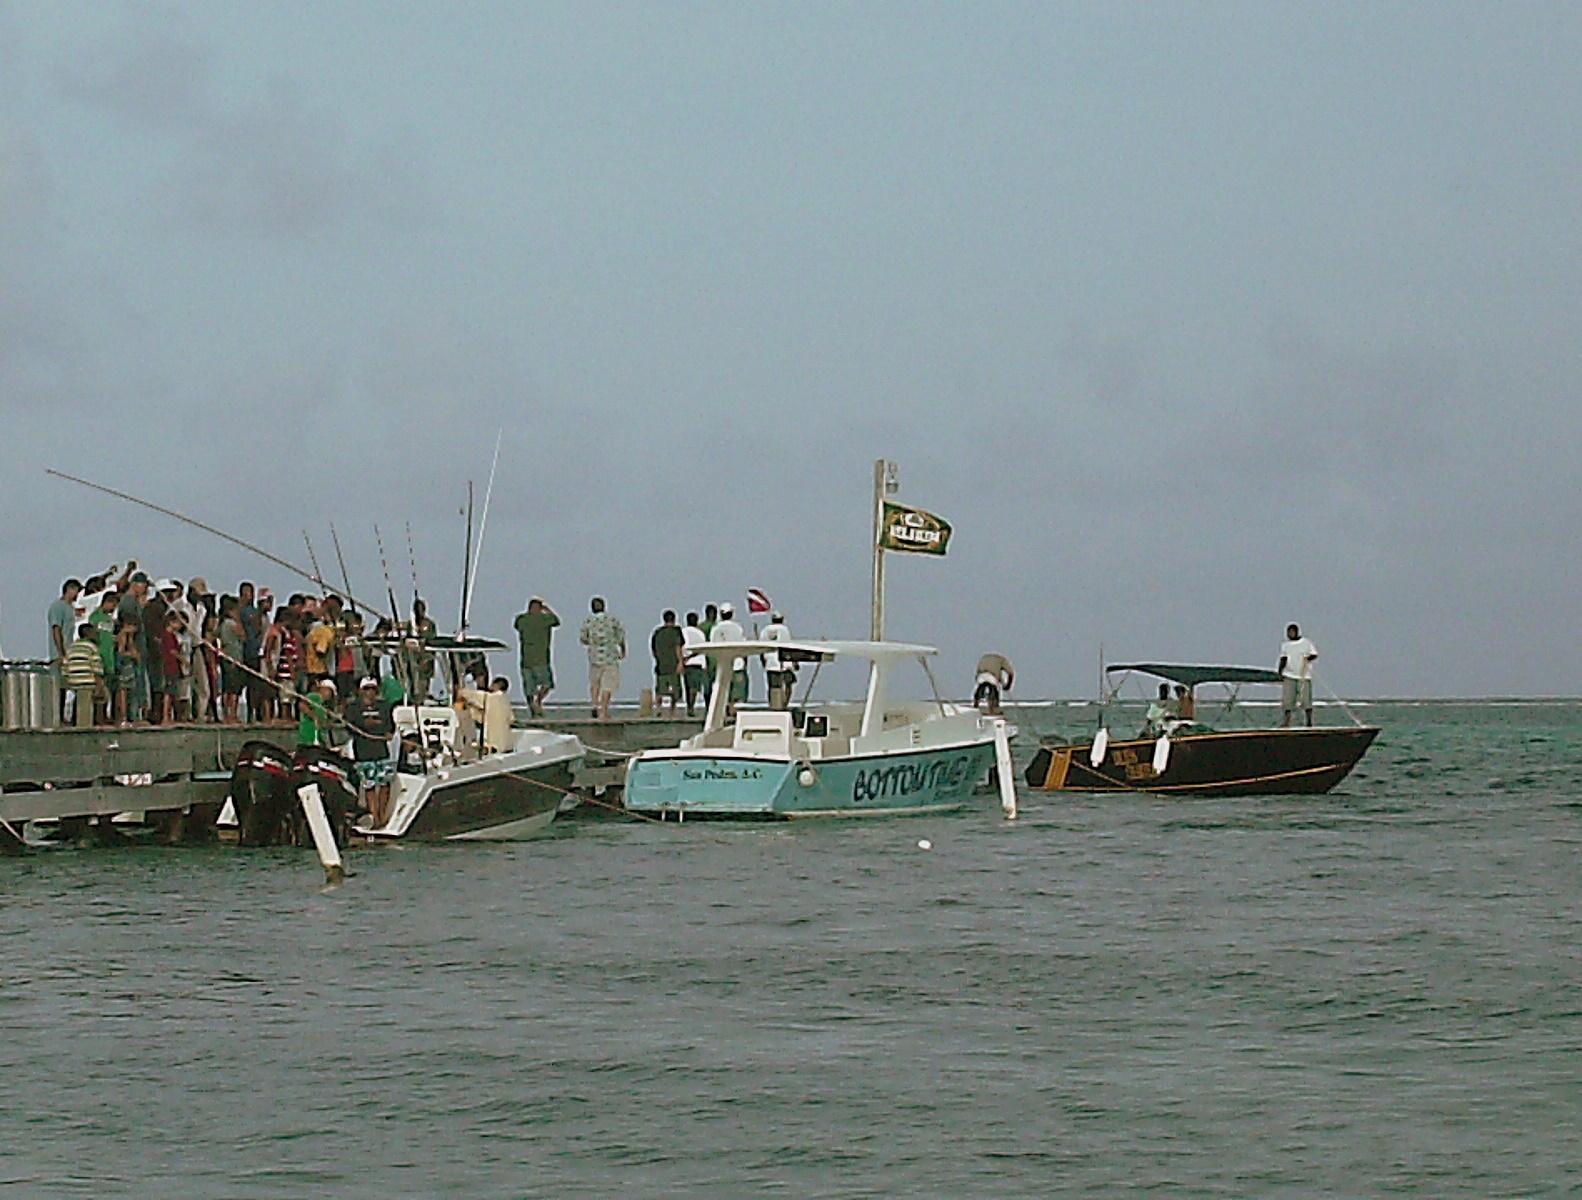 Dia de san pedro fishing tournament 2009 the original for Fishing san pedro belize